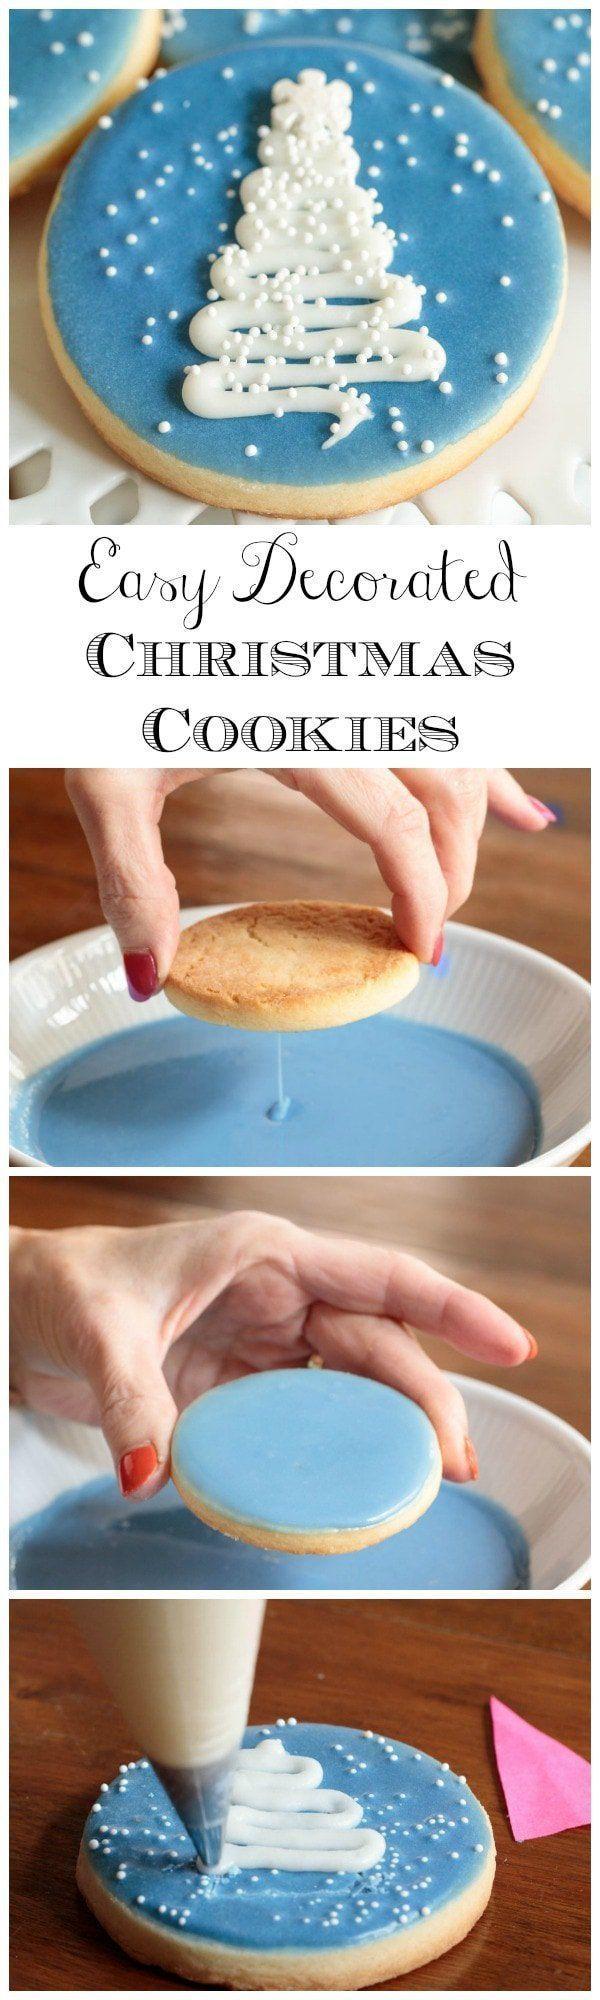 Betrachten Sie sich nicht als Keksdekorateur? Schauen Sie sich diesen einfach ge …